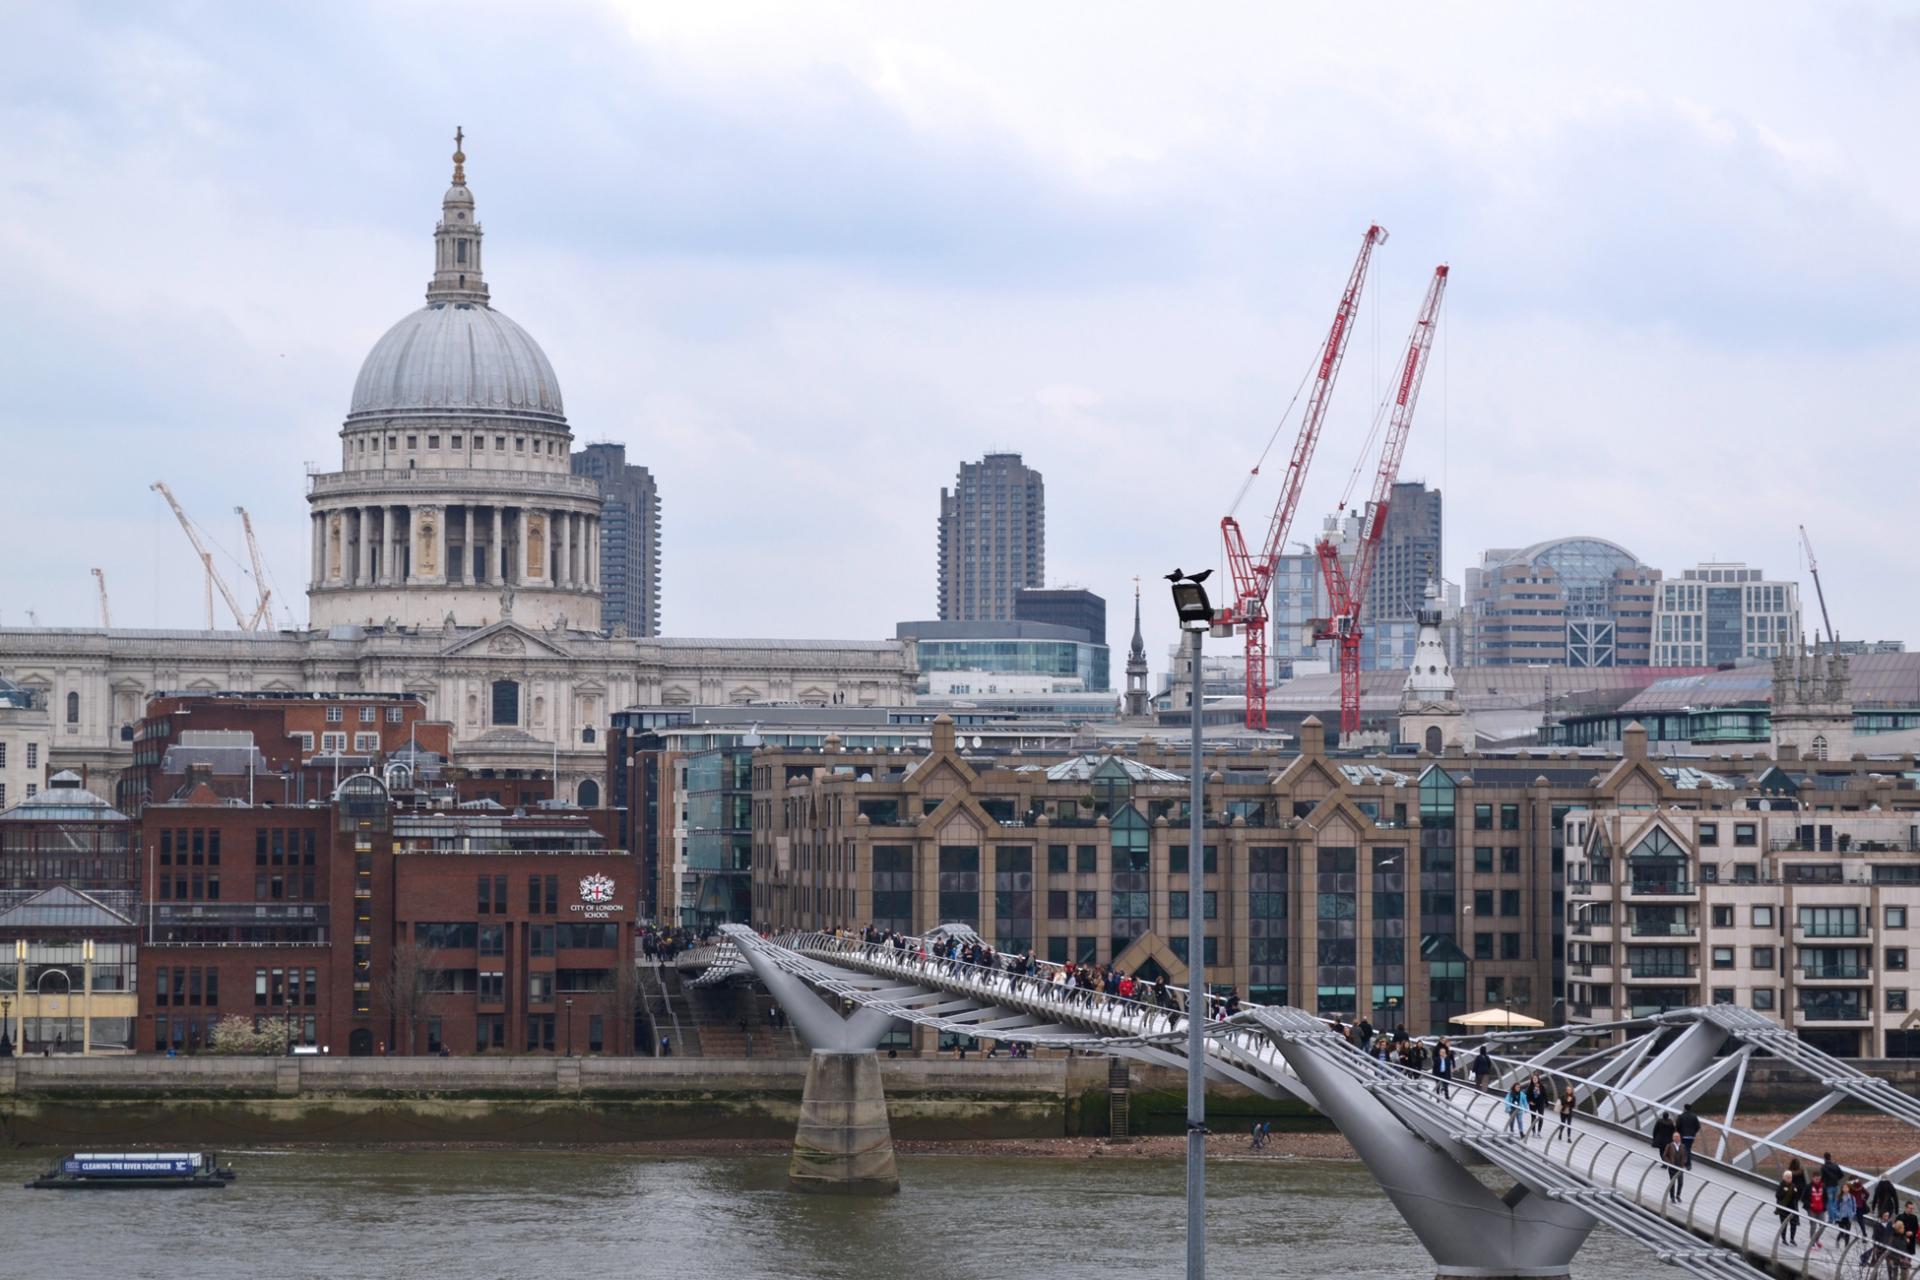 Vistas de la Catedral de San Pablo desde el Tate de Londres